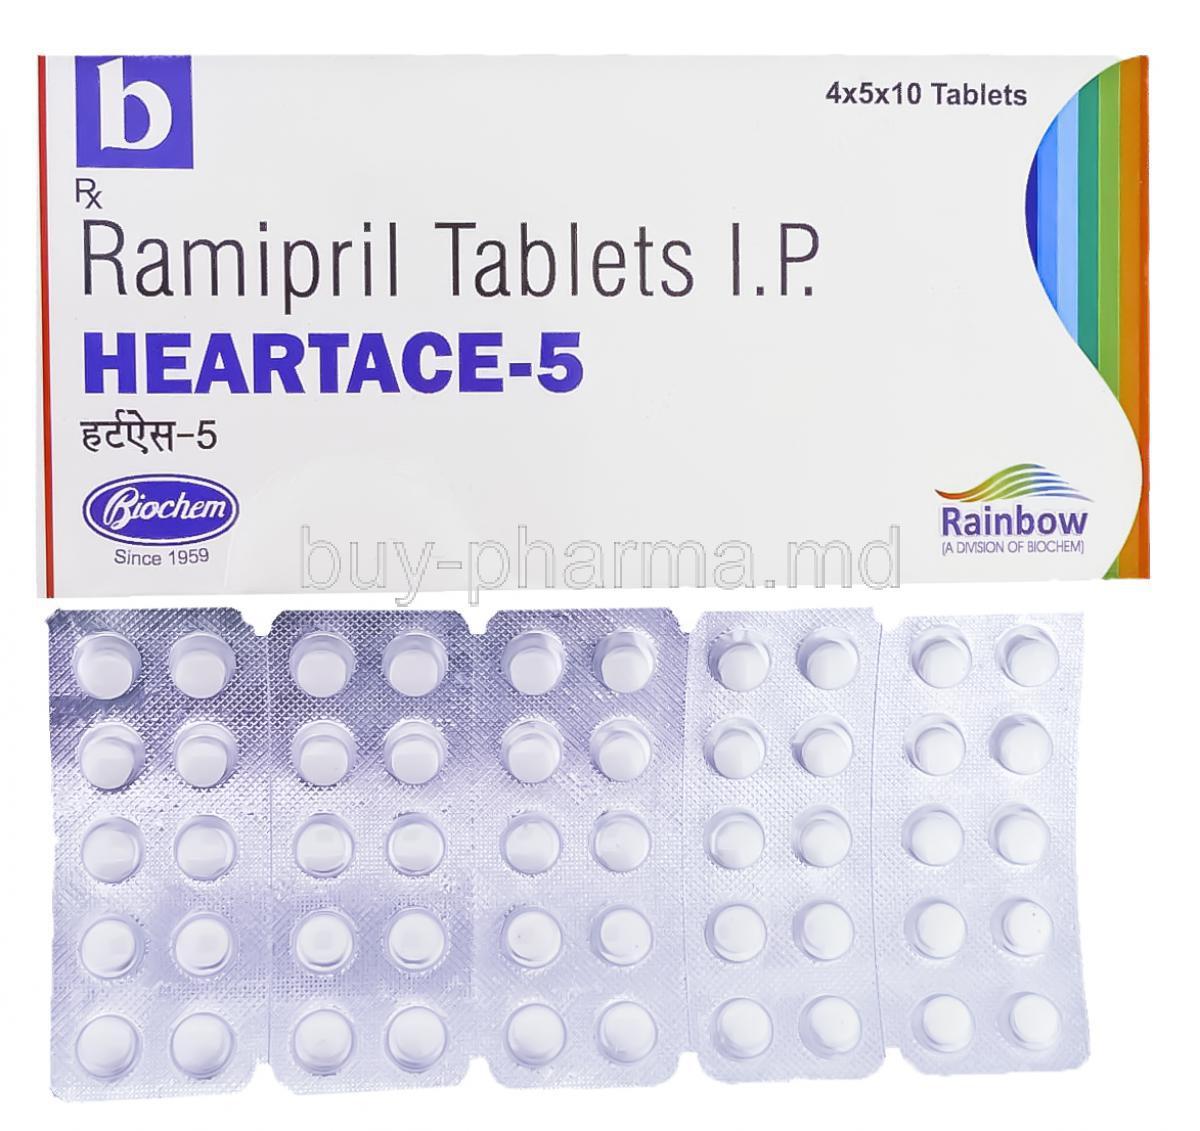 Tritace Ramipril 5mg